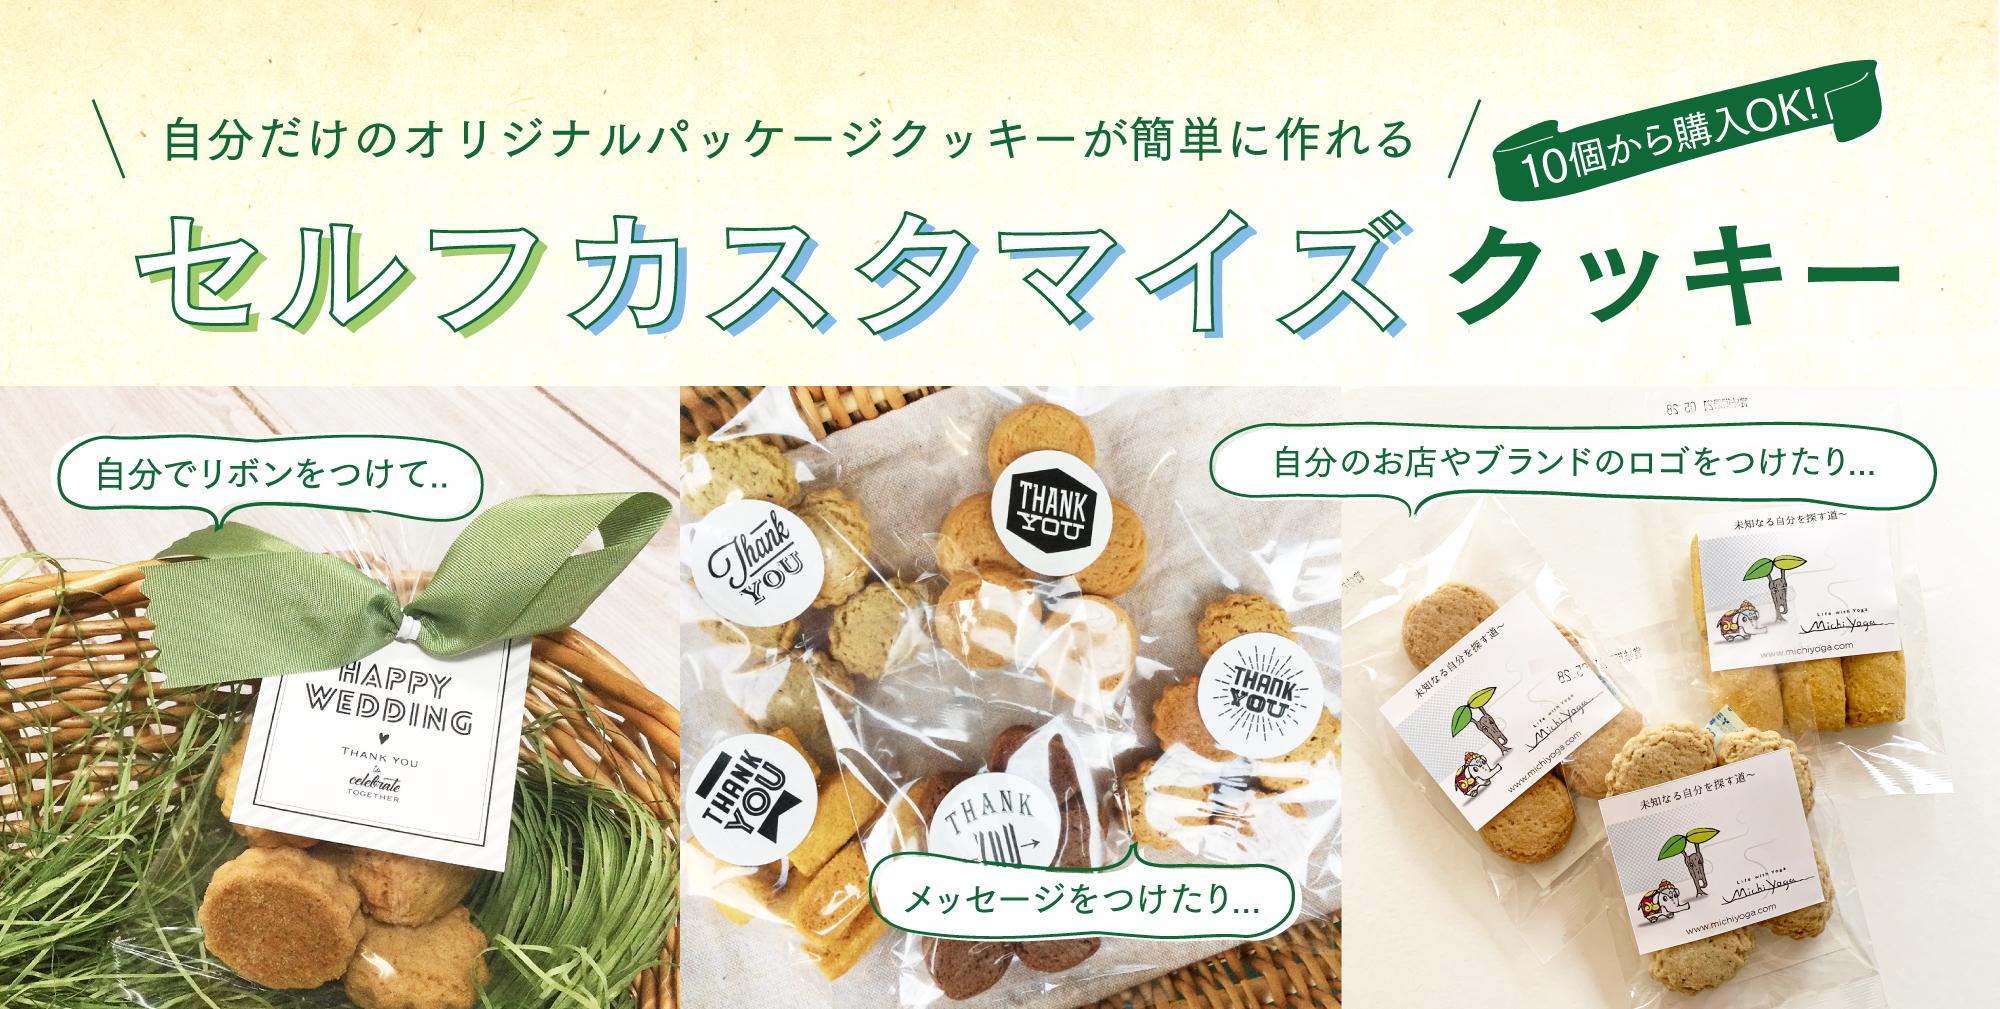 お礼やノベルティに!「セルフカスタマイズクッキー」登場!